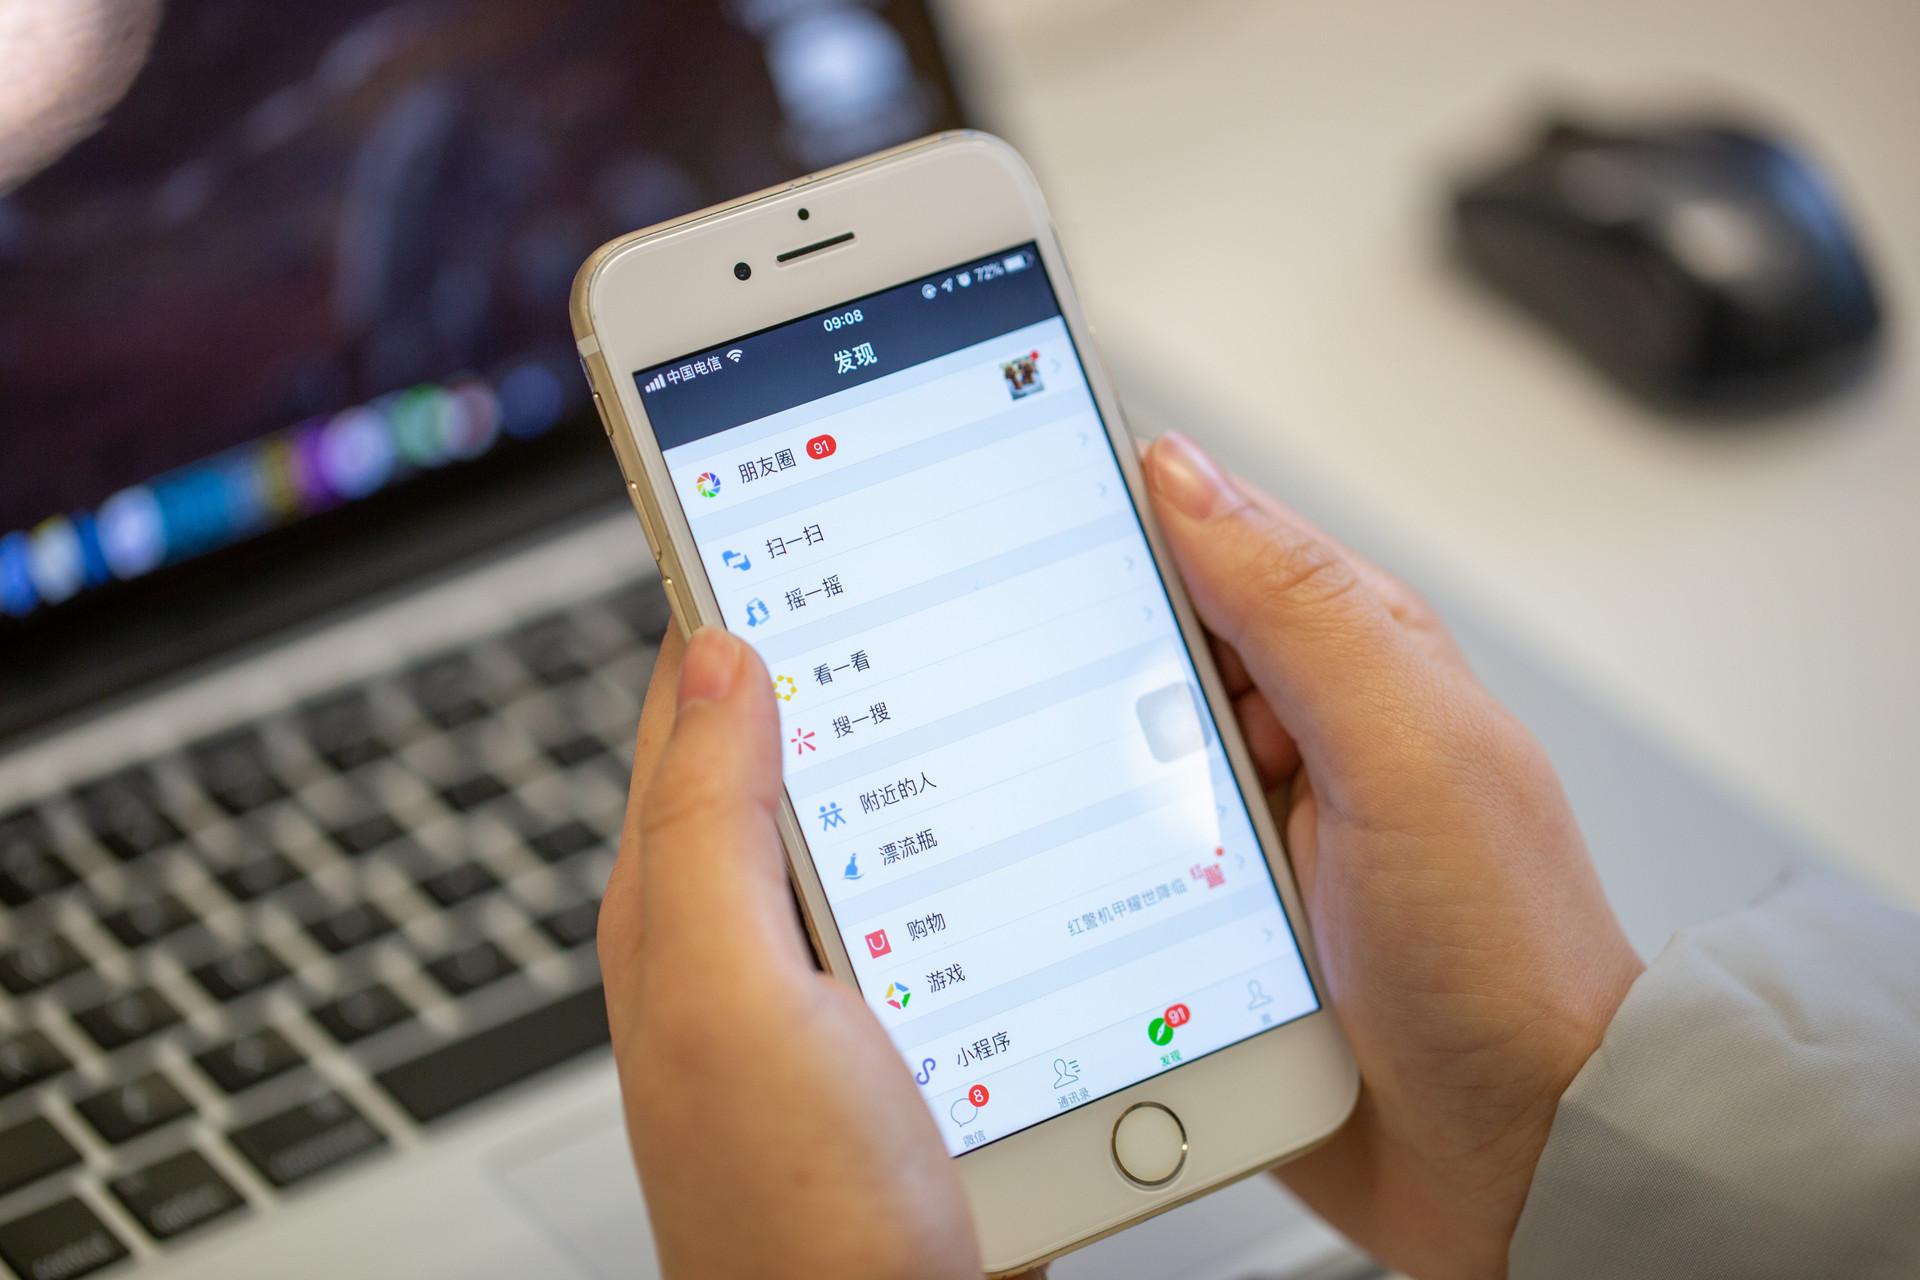 微信怎么拒收消息不拉黑(没拉黑名单,显示拒收)